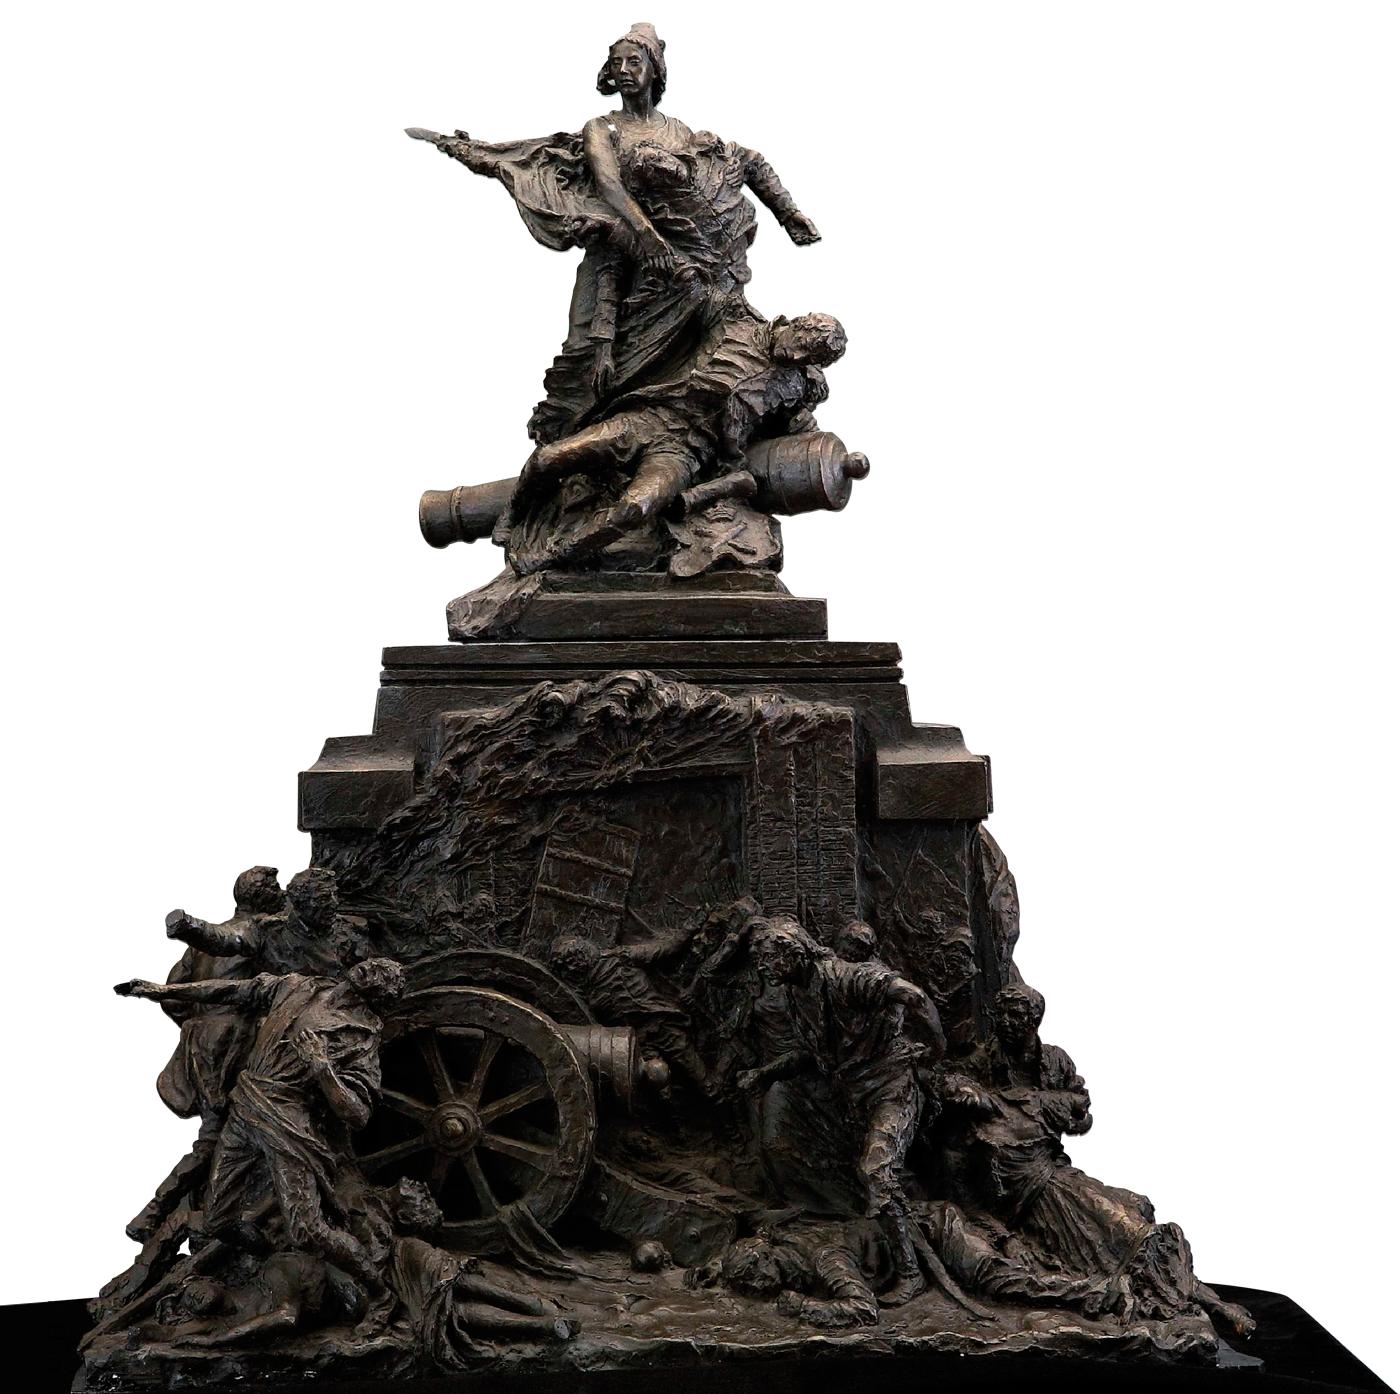 Escultura Héroes independencia escultura histórica Madrid